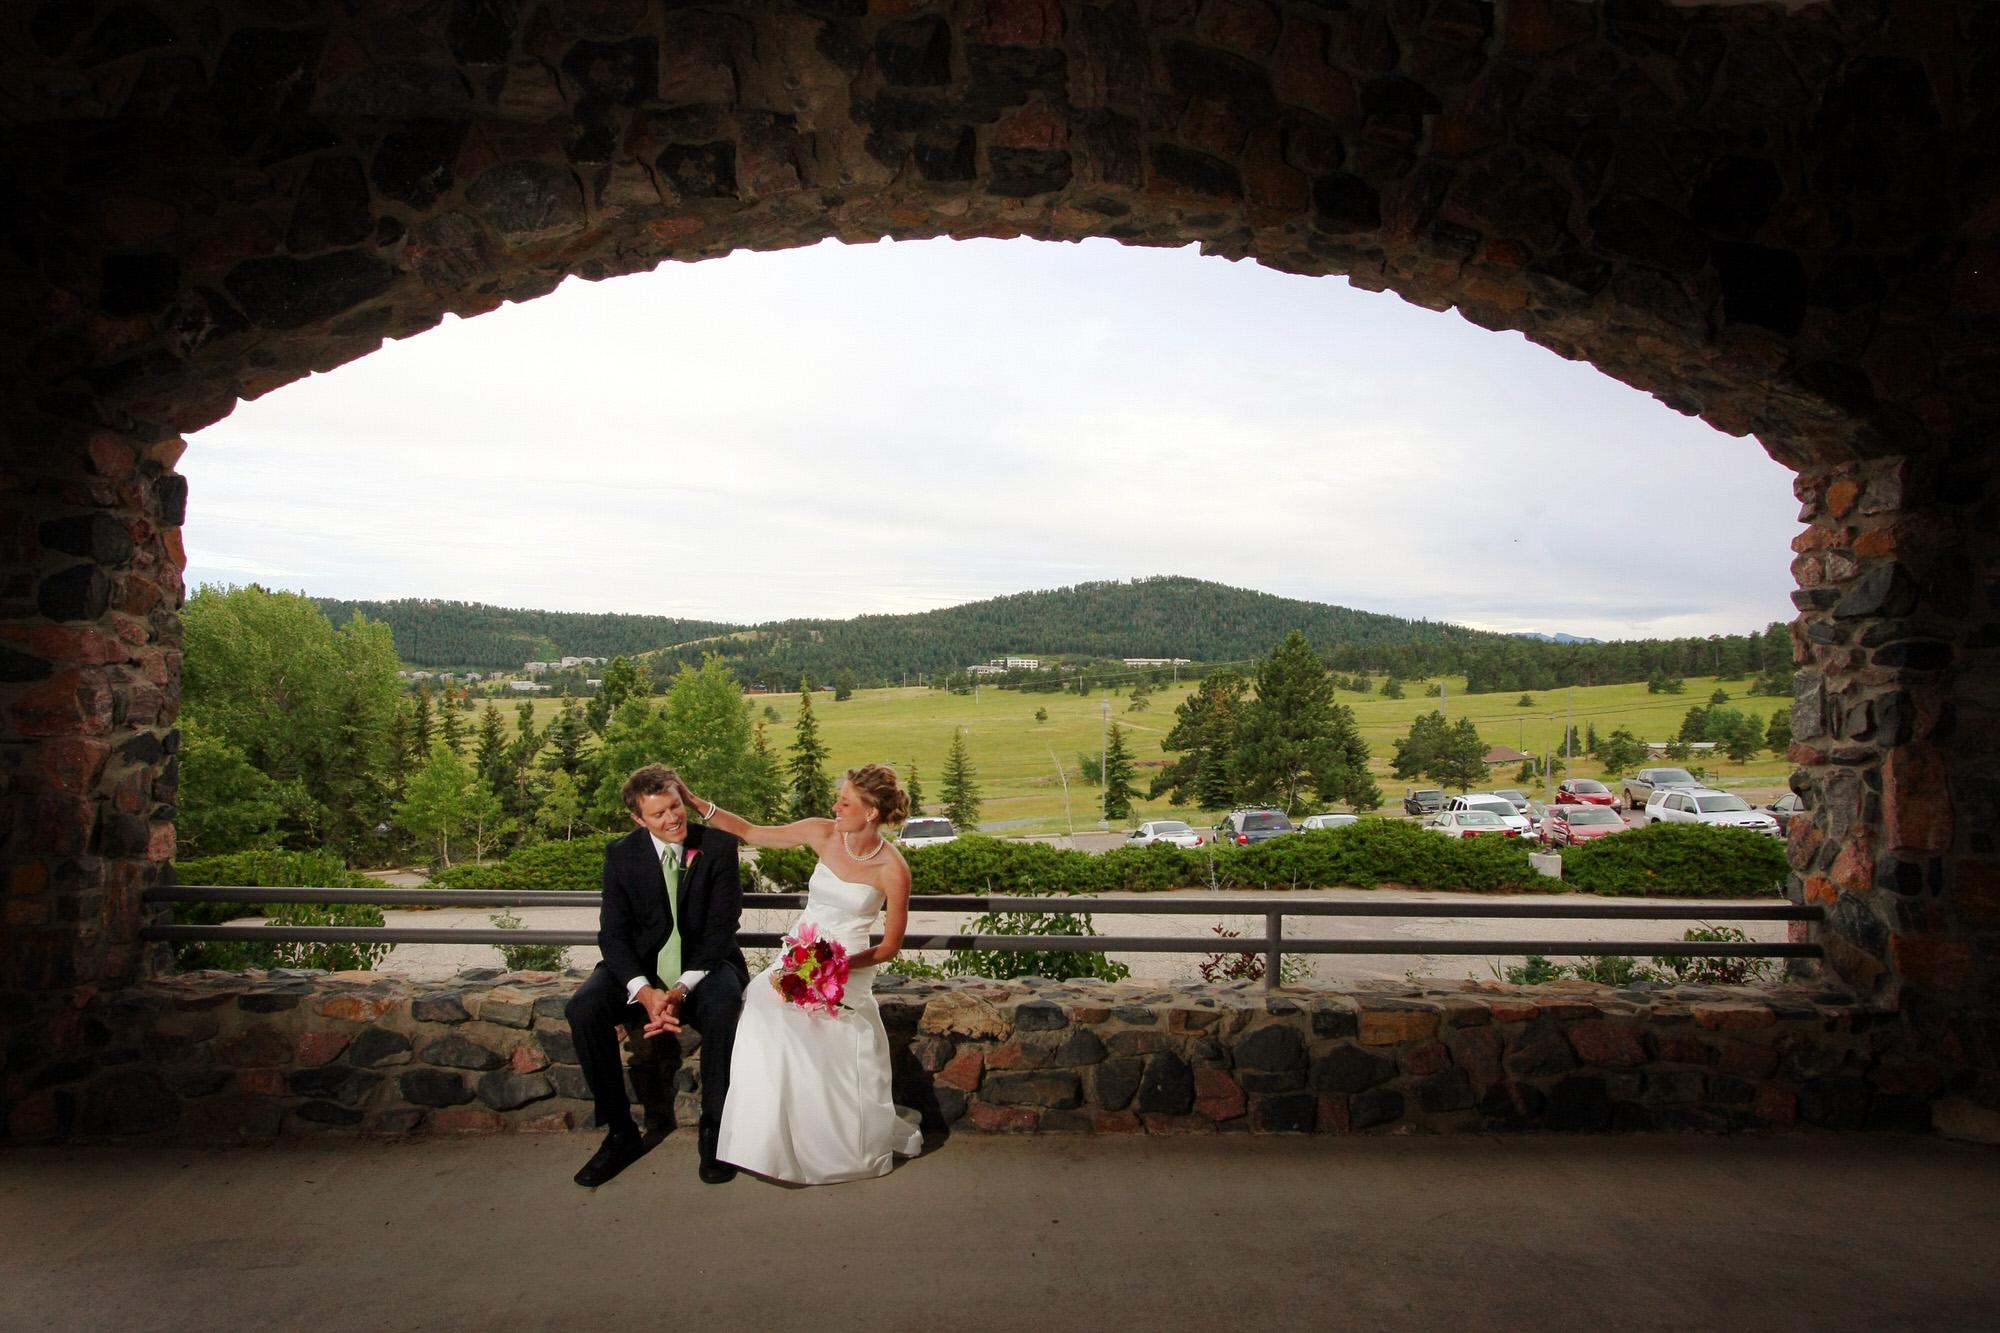 mount-vernon-canyon-club-wedding-031.jpg